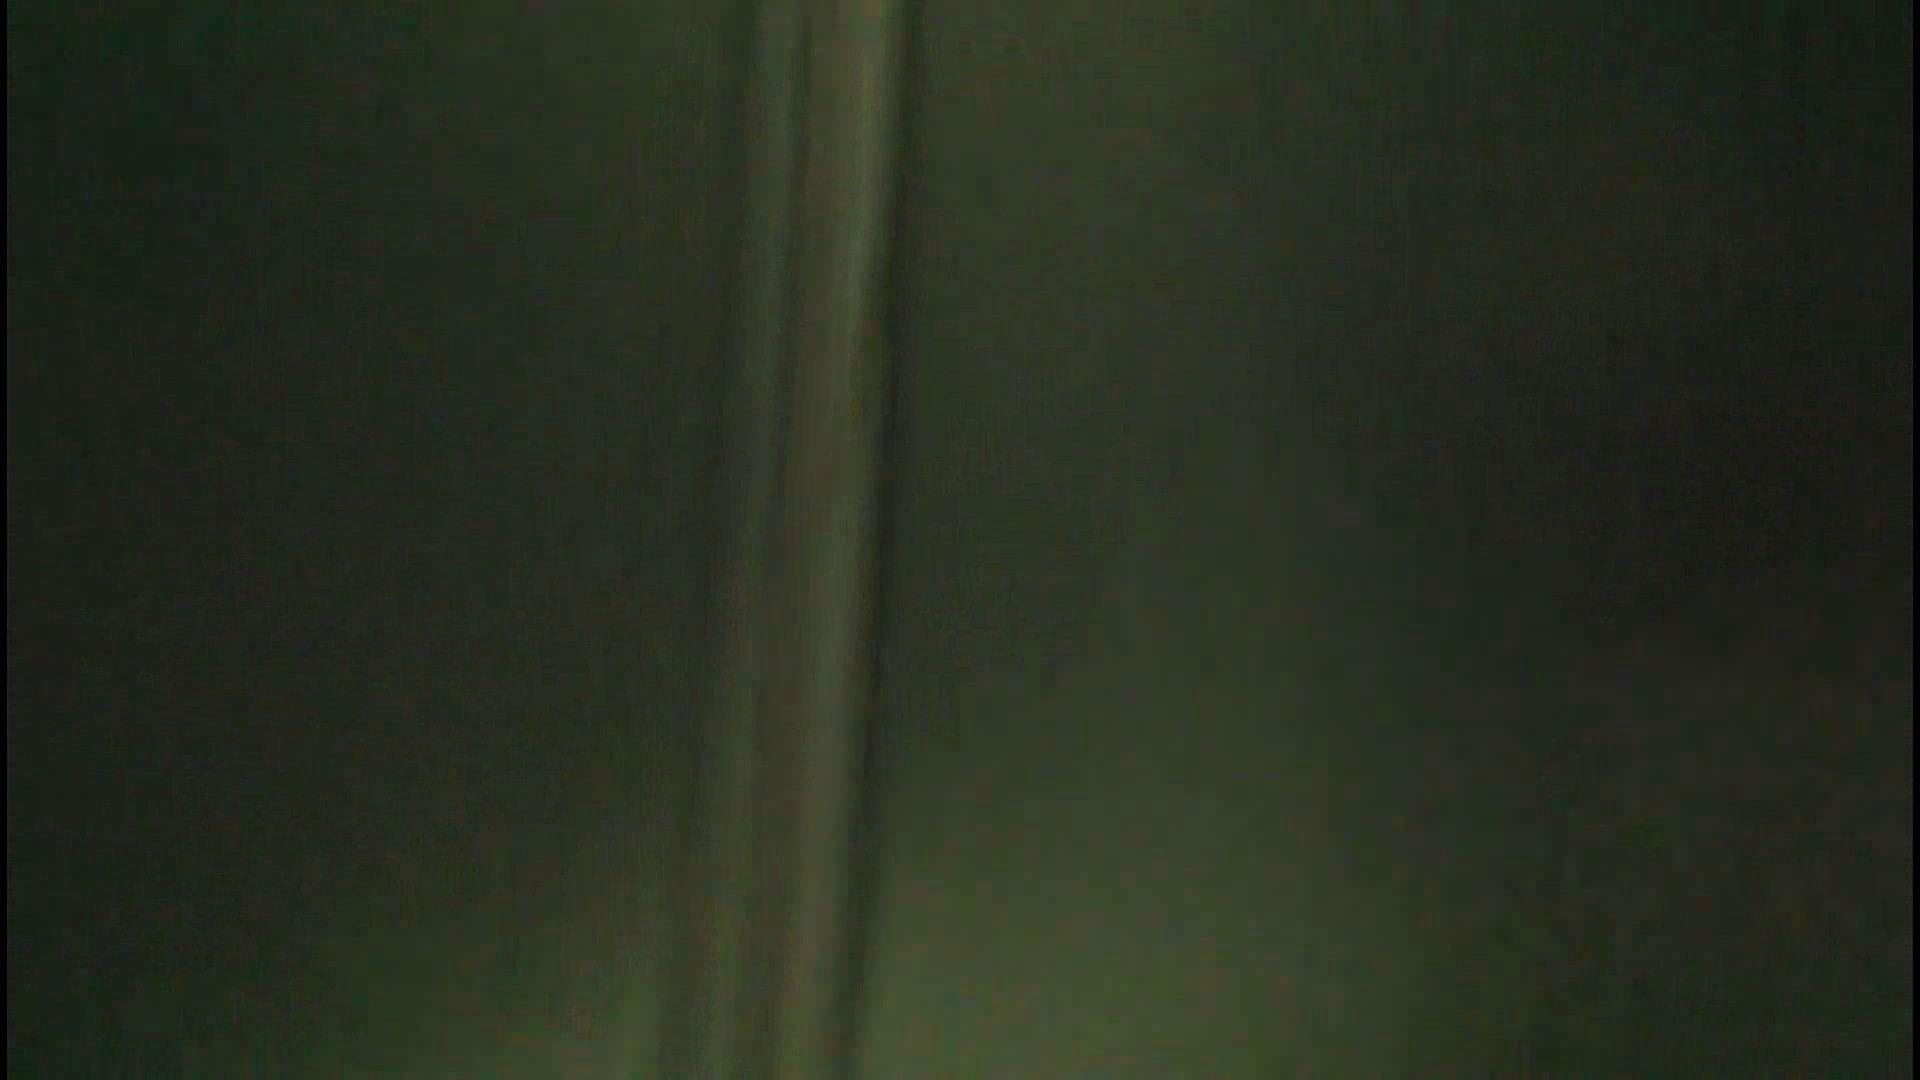 潜入!!韓国秘密のトイレ!Vol.15 盗撮師作品 SEX無修正画像 95pic 27